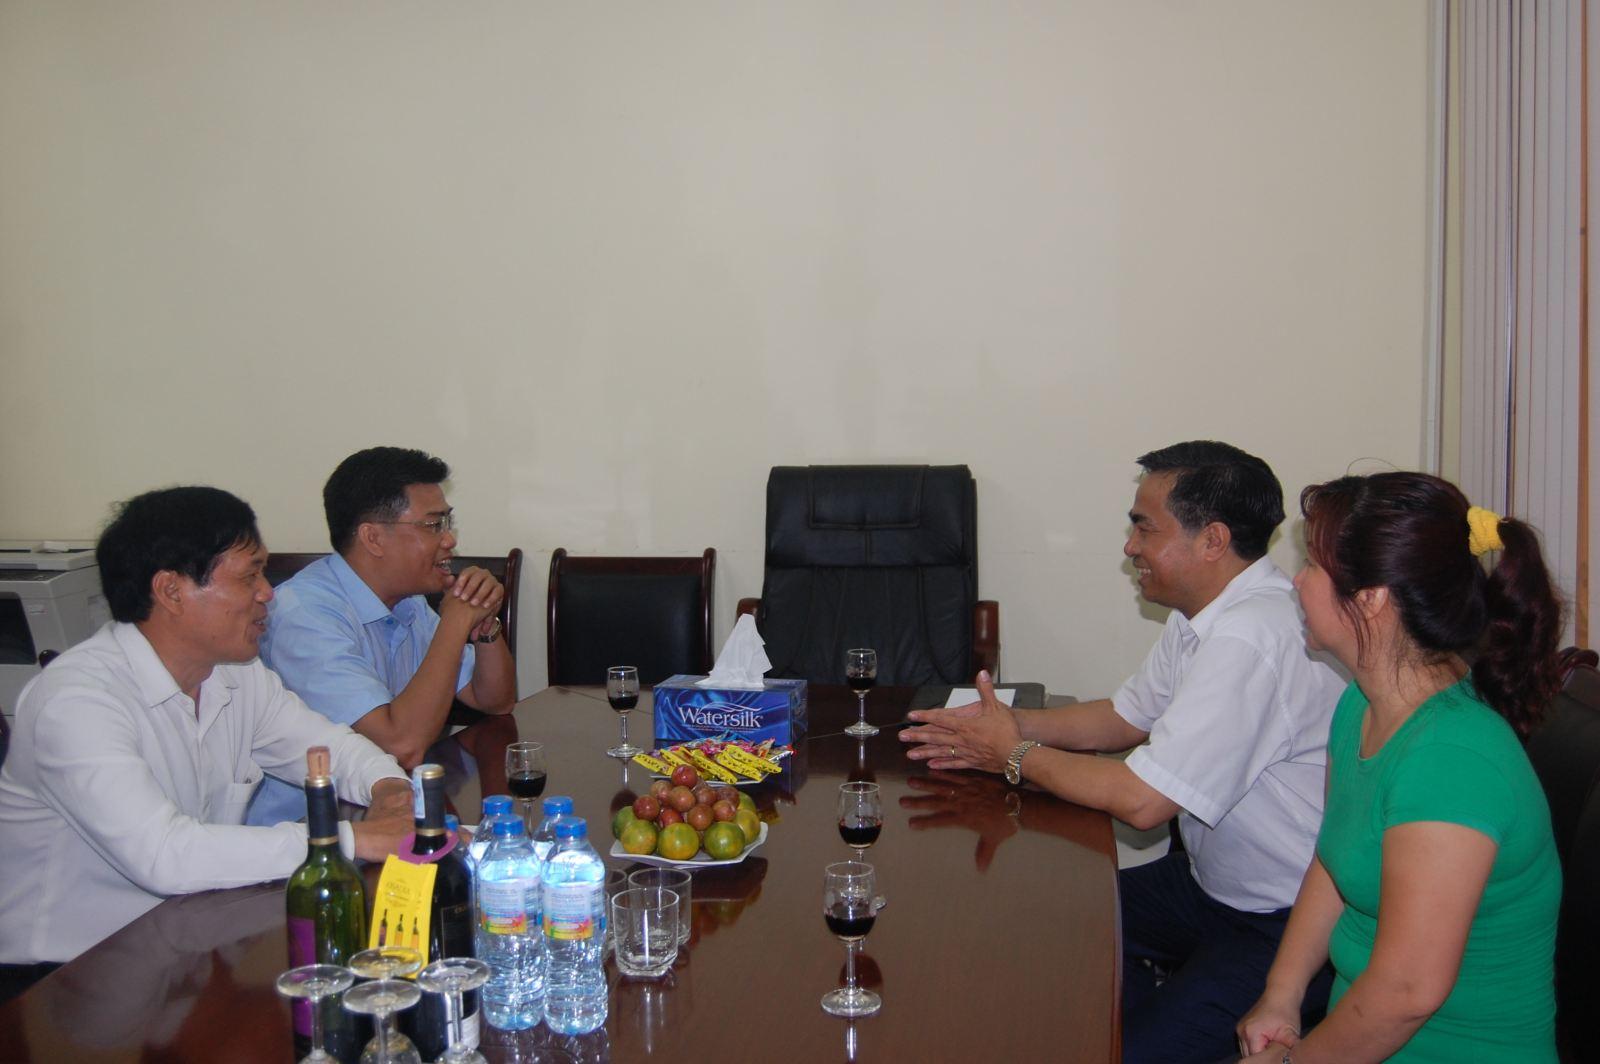 (Đồng chí Lê Đức Thính đến thăm và chúc mừng ngày Báo chí Việt Nam tại Thời báo Tài chính)